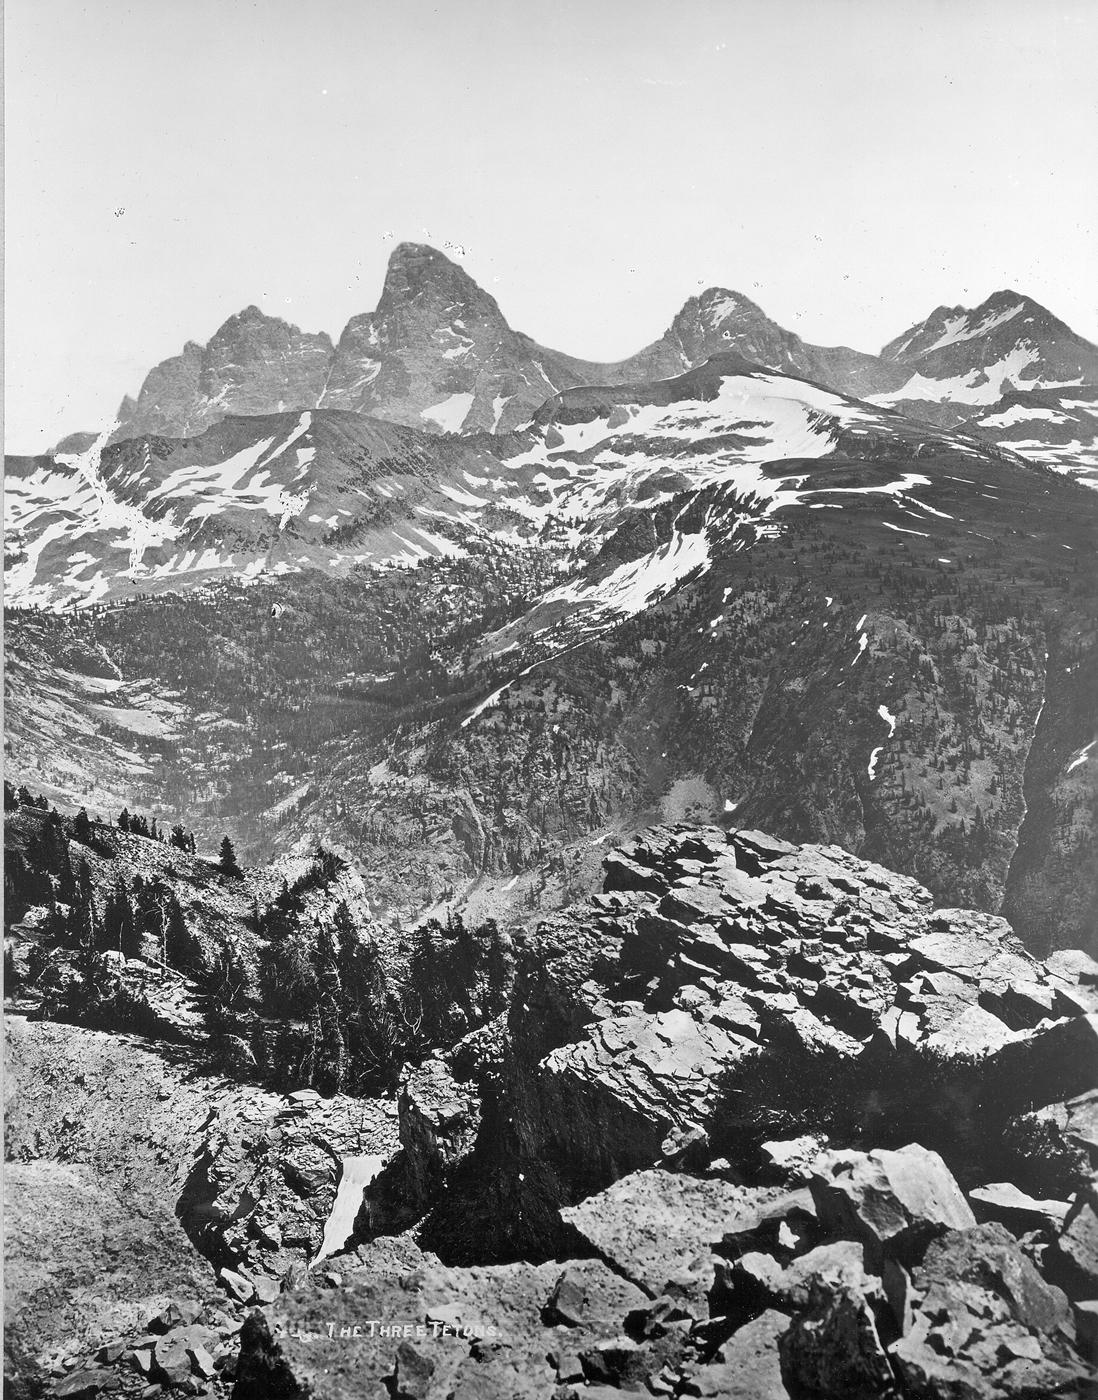 Grand Teton National Park is established